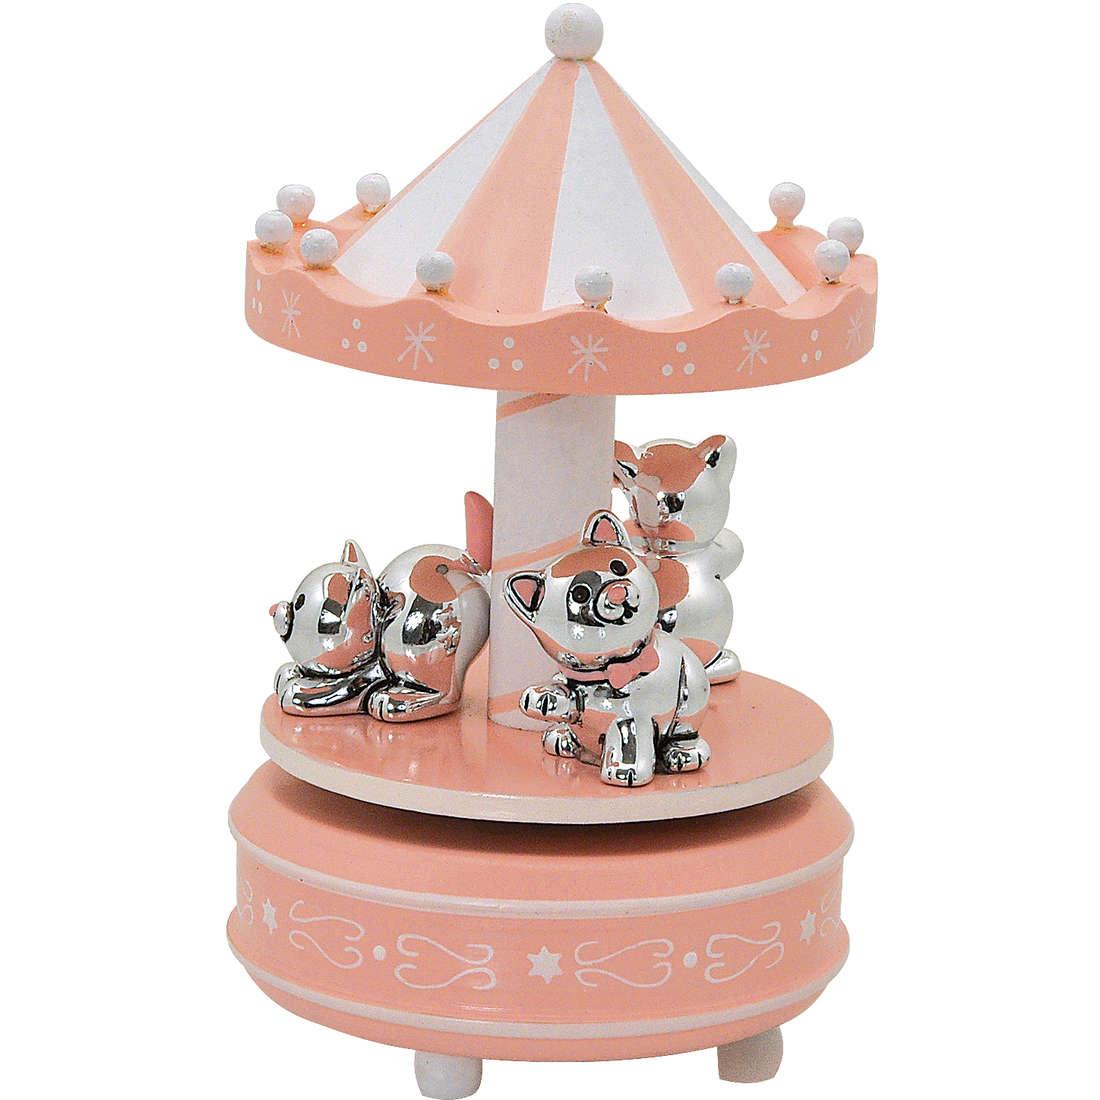 accessori neonato Bagutta Baguttino B 4145 R